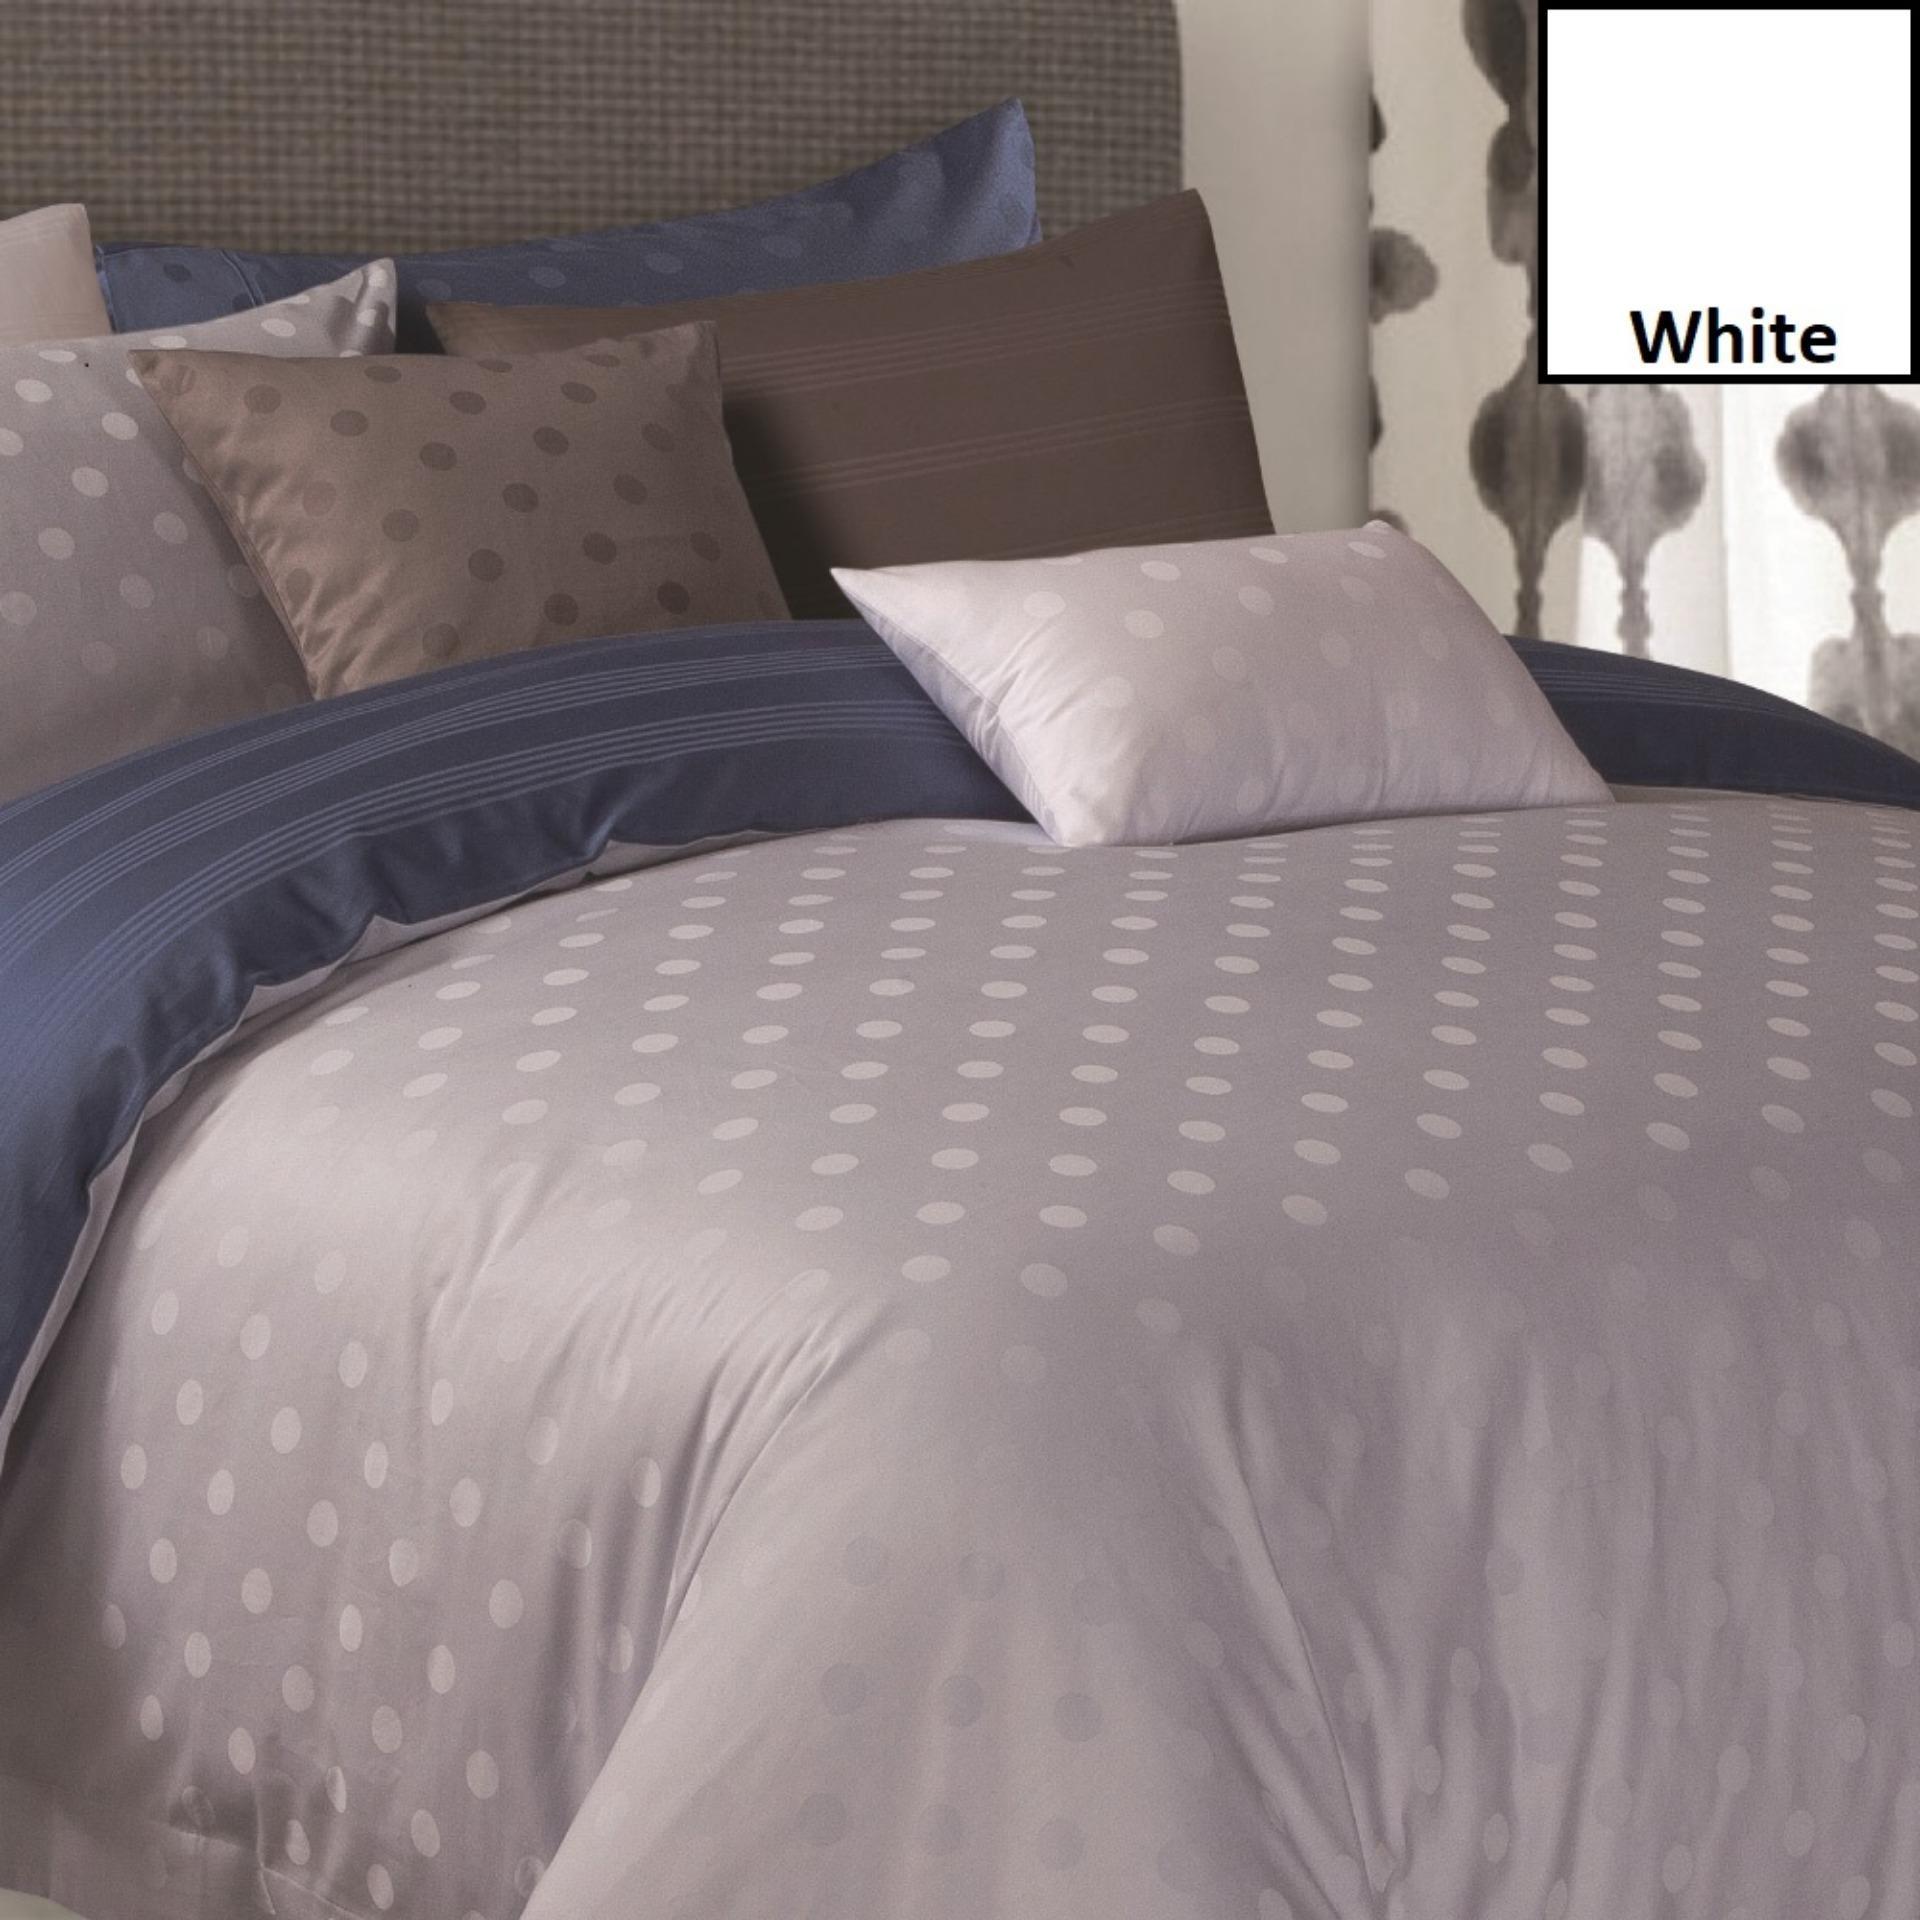 AKEMI Cotton Select Affinity - Dotta Nolan (White / Bolster Case)